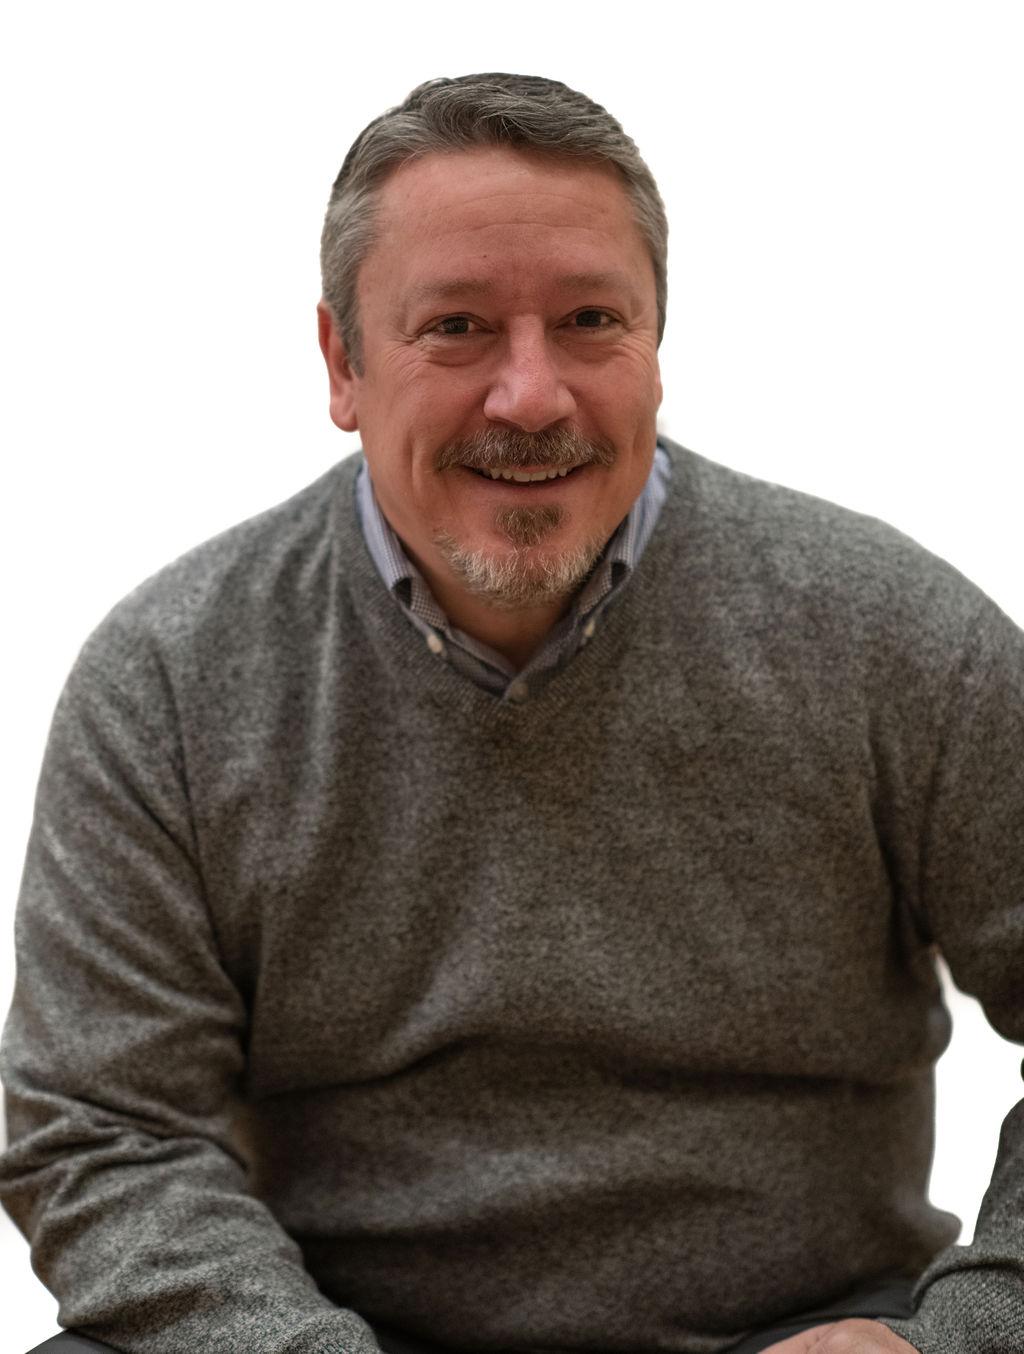 Robert Machacek